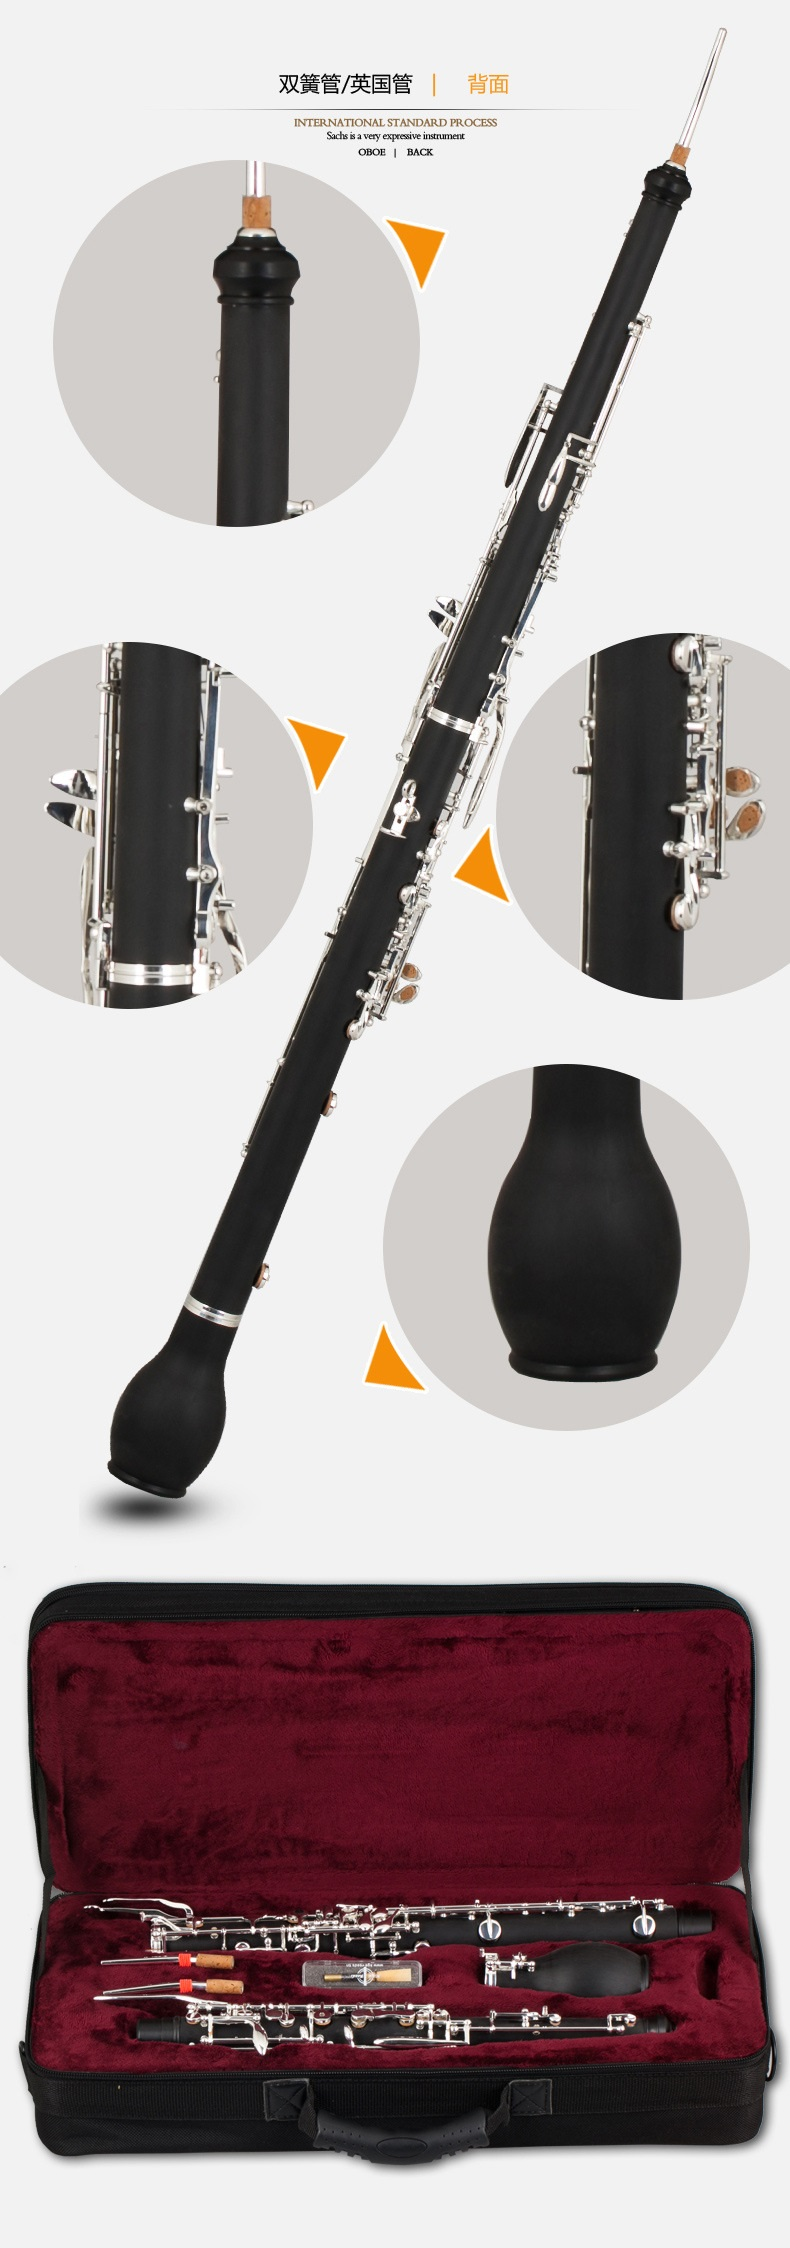 海南悠乐美西洋乐器专卖店专业快速